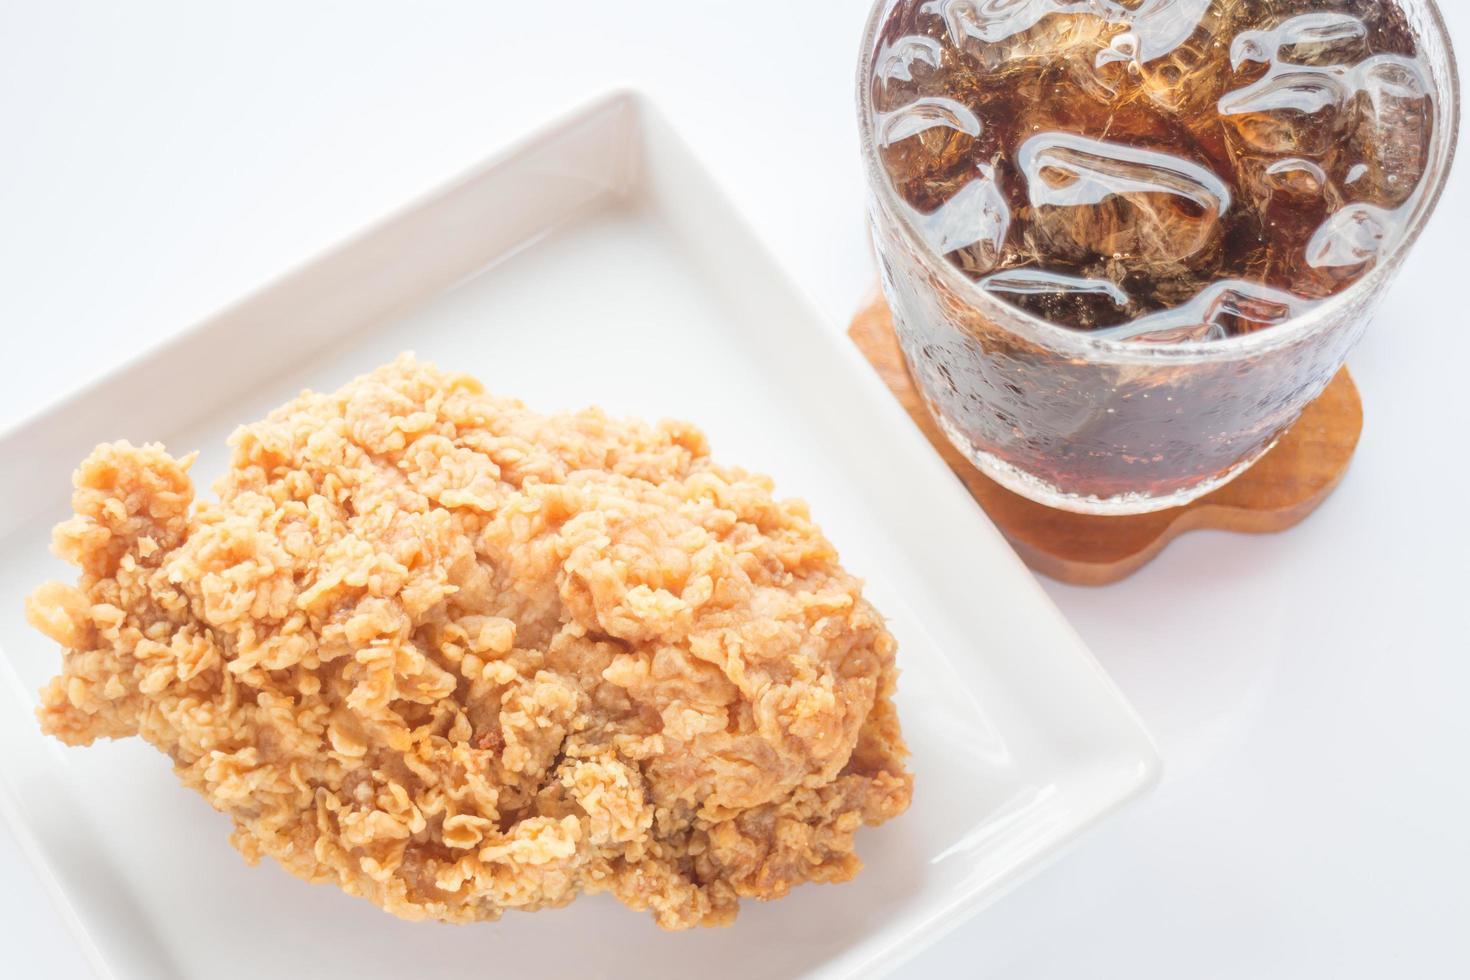 gebakken kip en cola foto